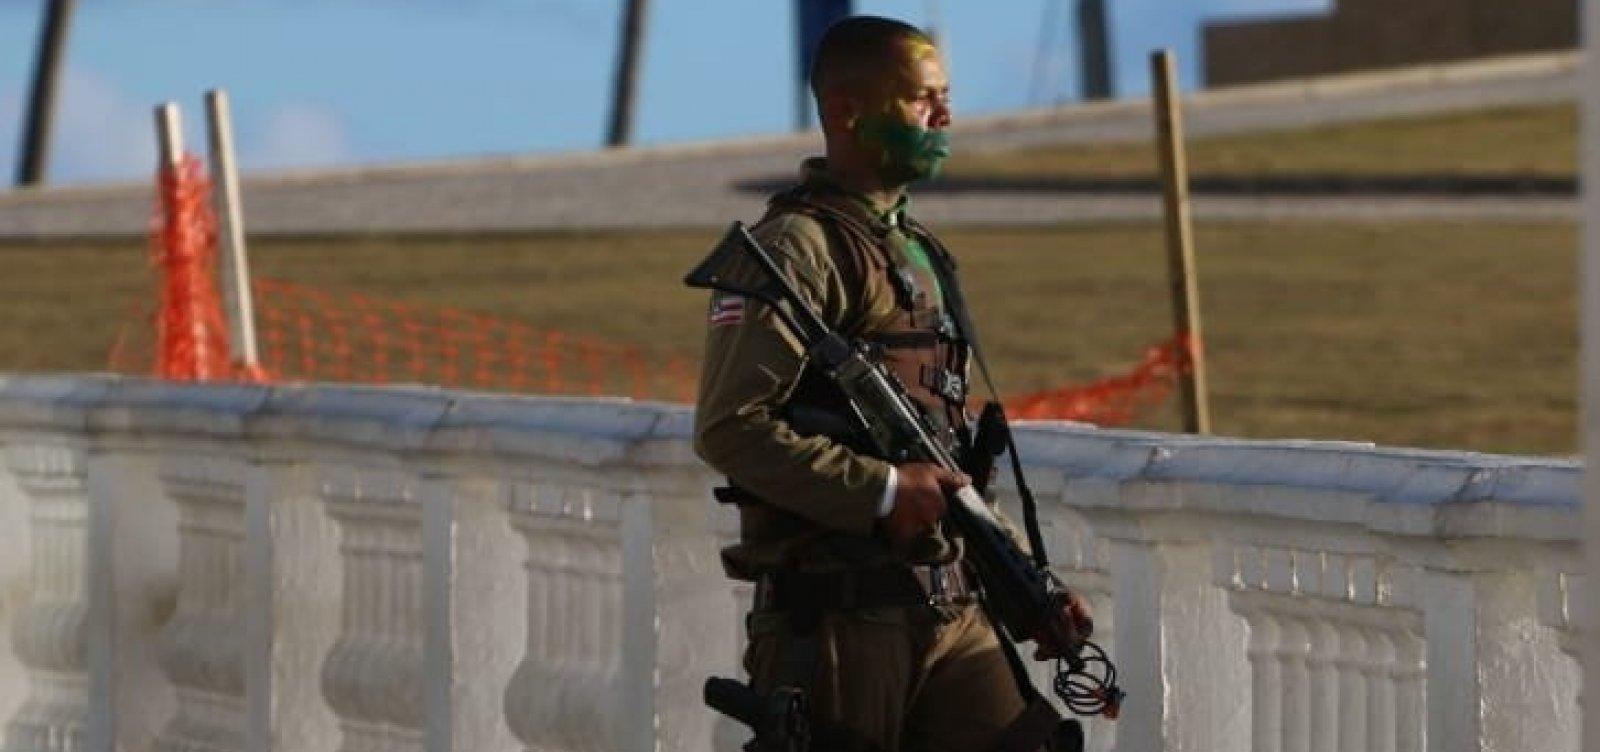 Morre o soldado da PM após surto e tiroteio no Farol da Barra